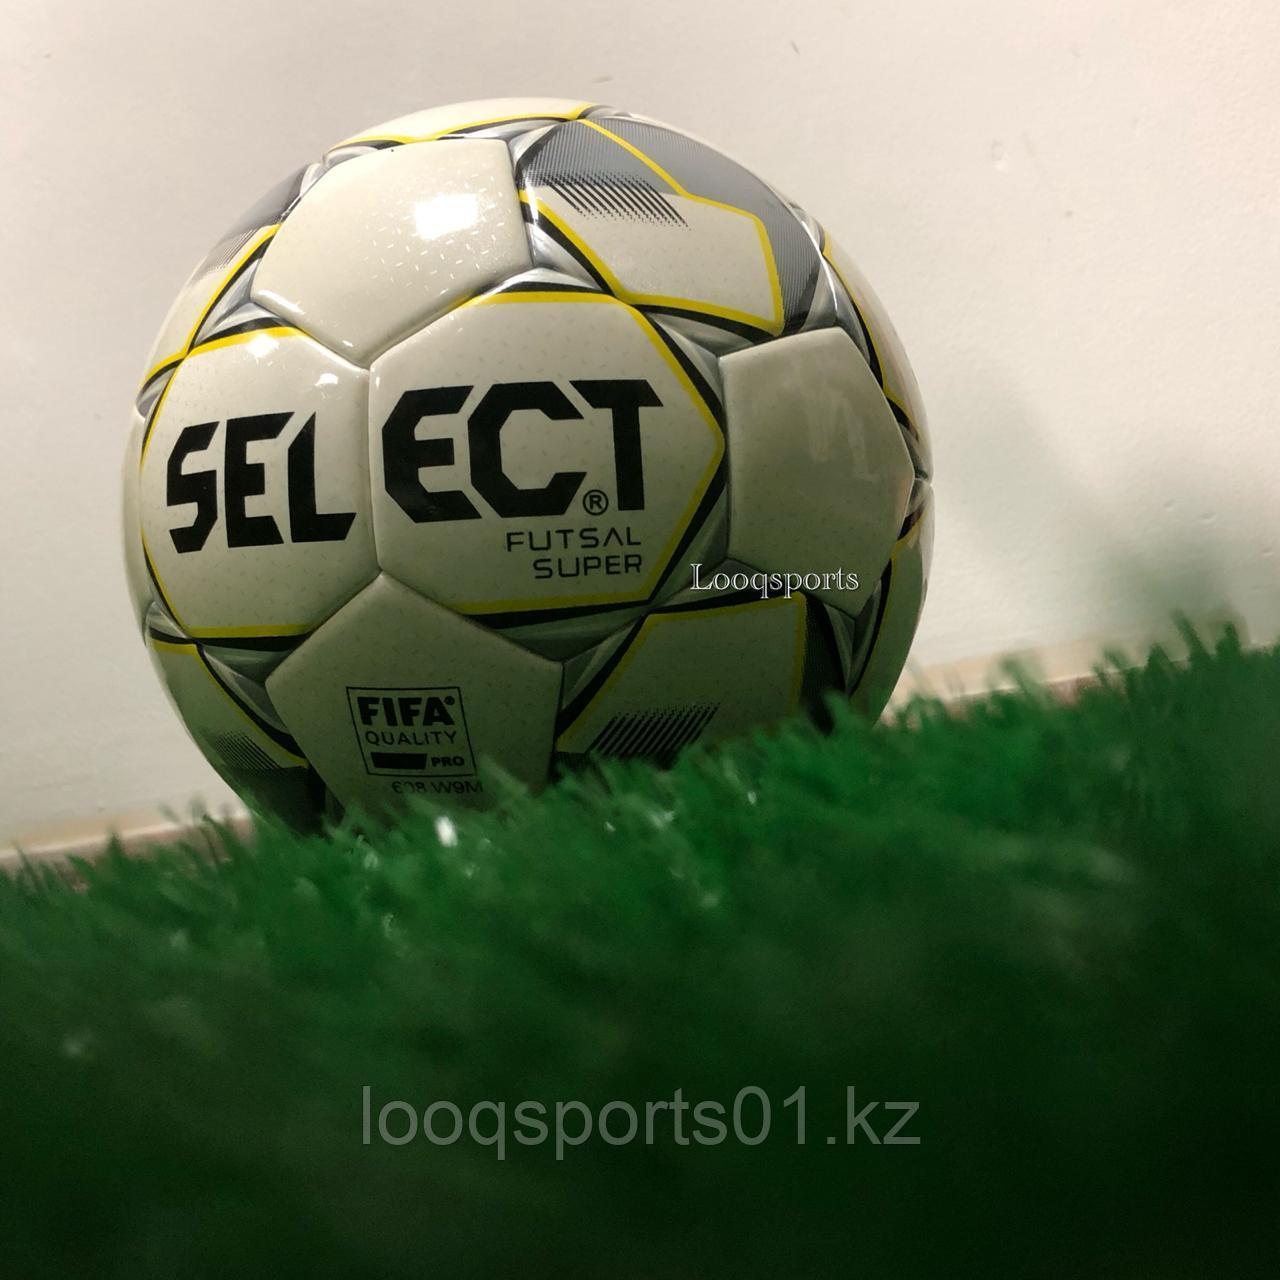 Футбольный мяч Select 4ка